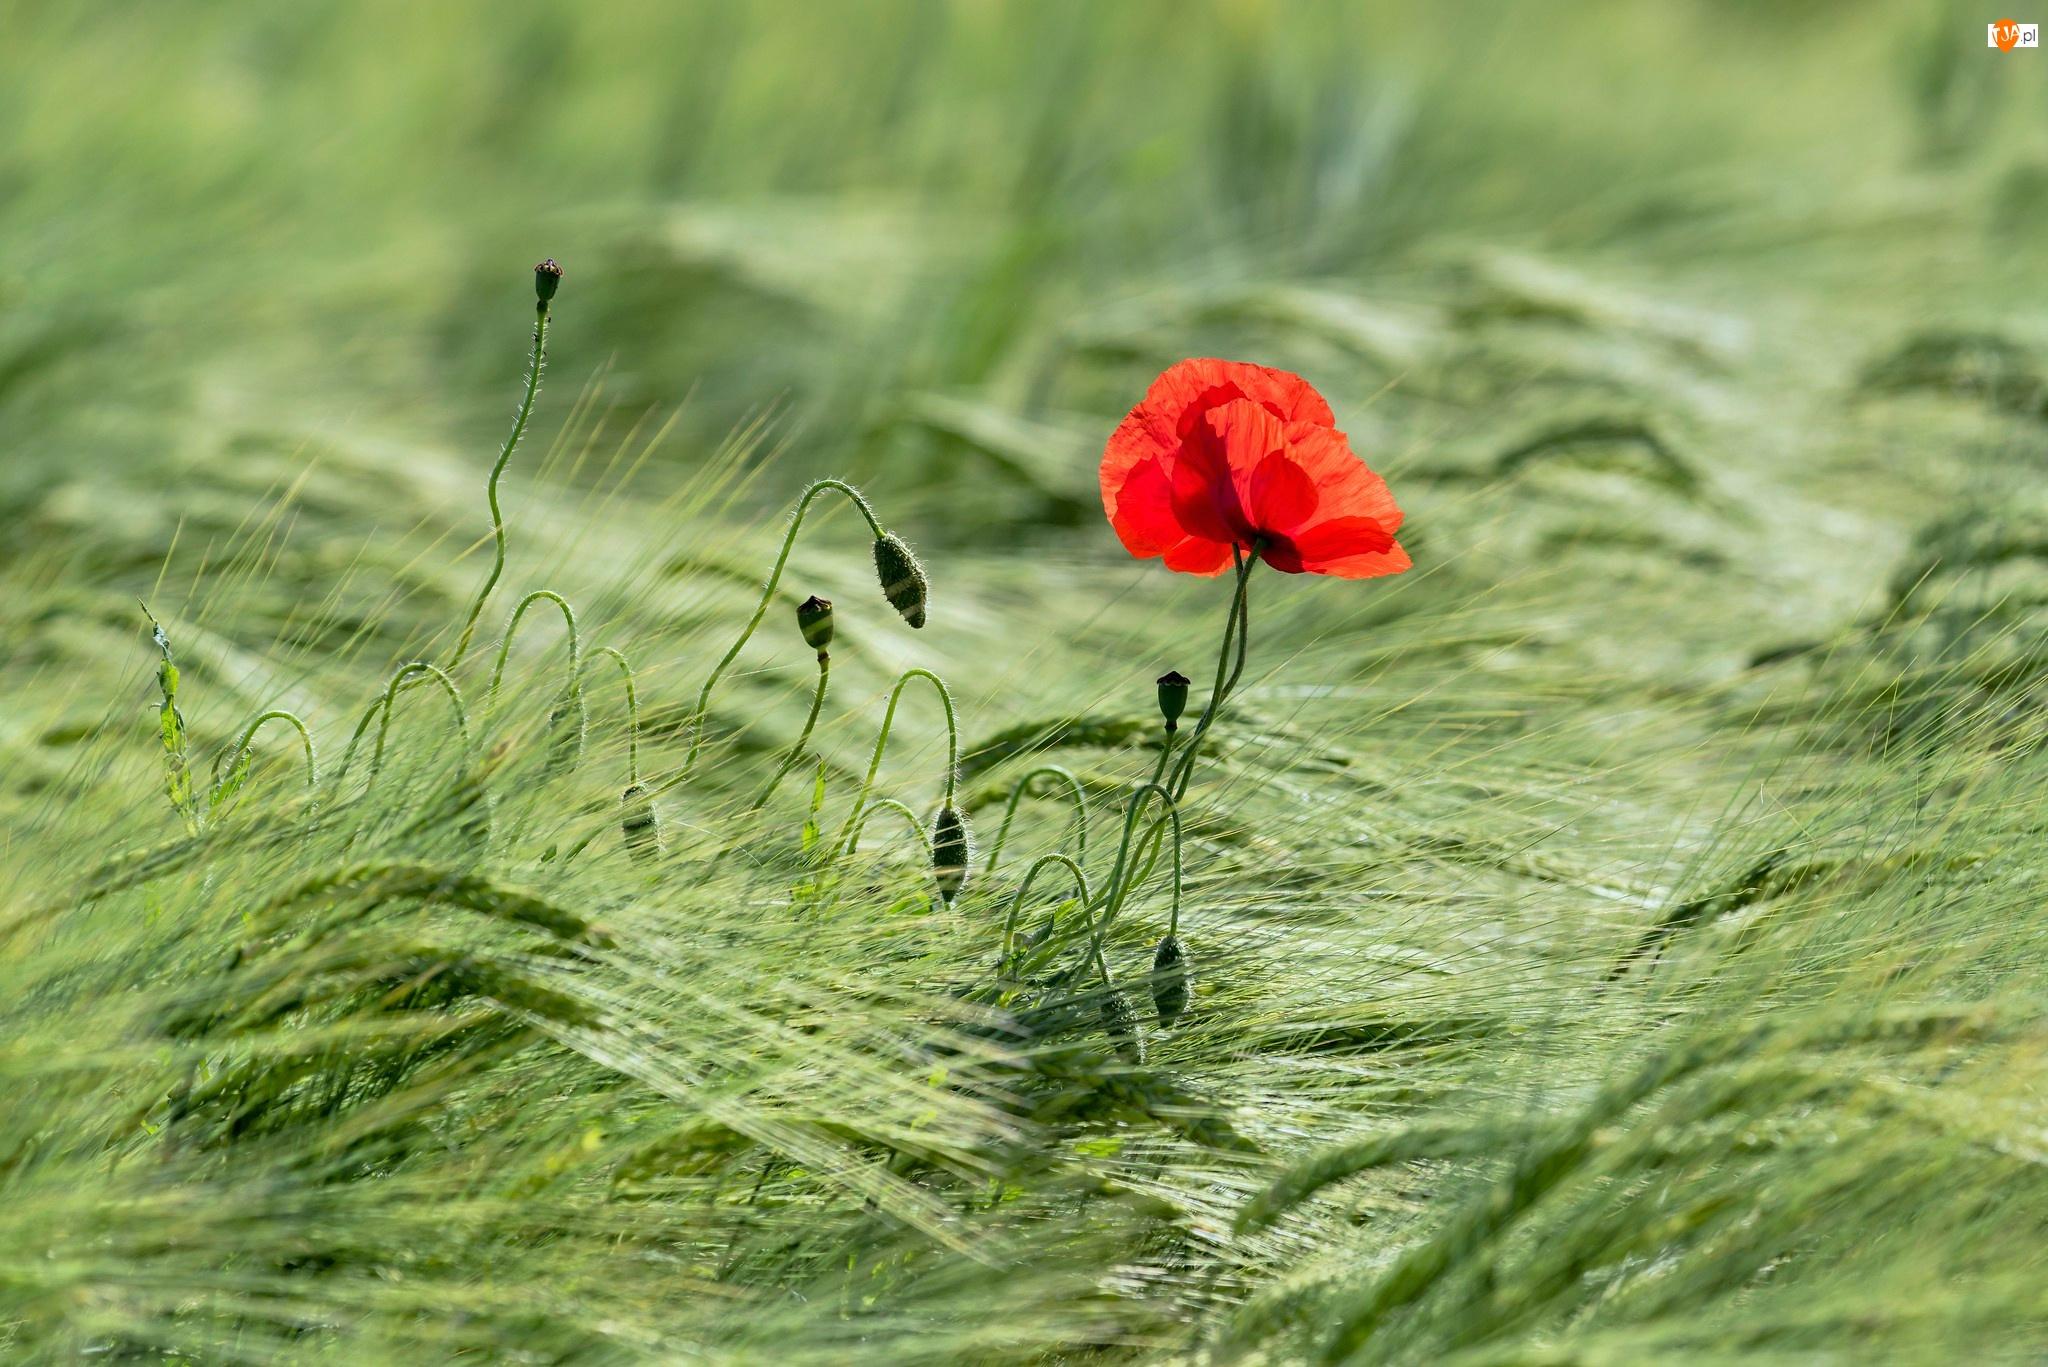 Kwiat, Pąki, Zboża, Kłosy, Mak